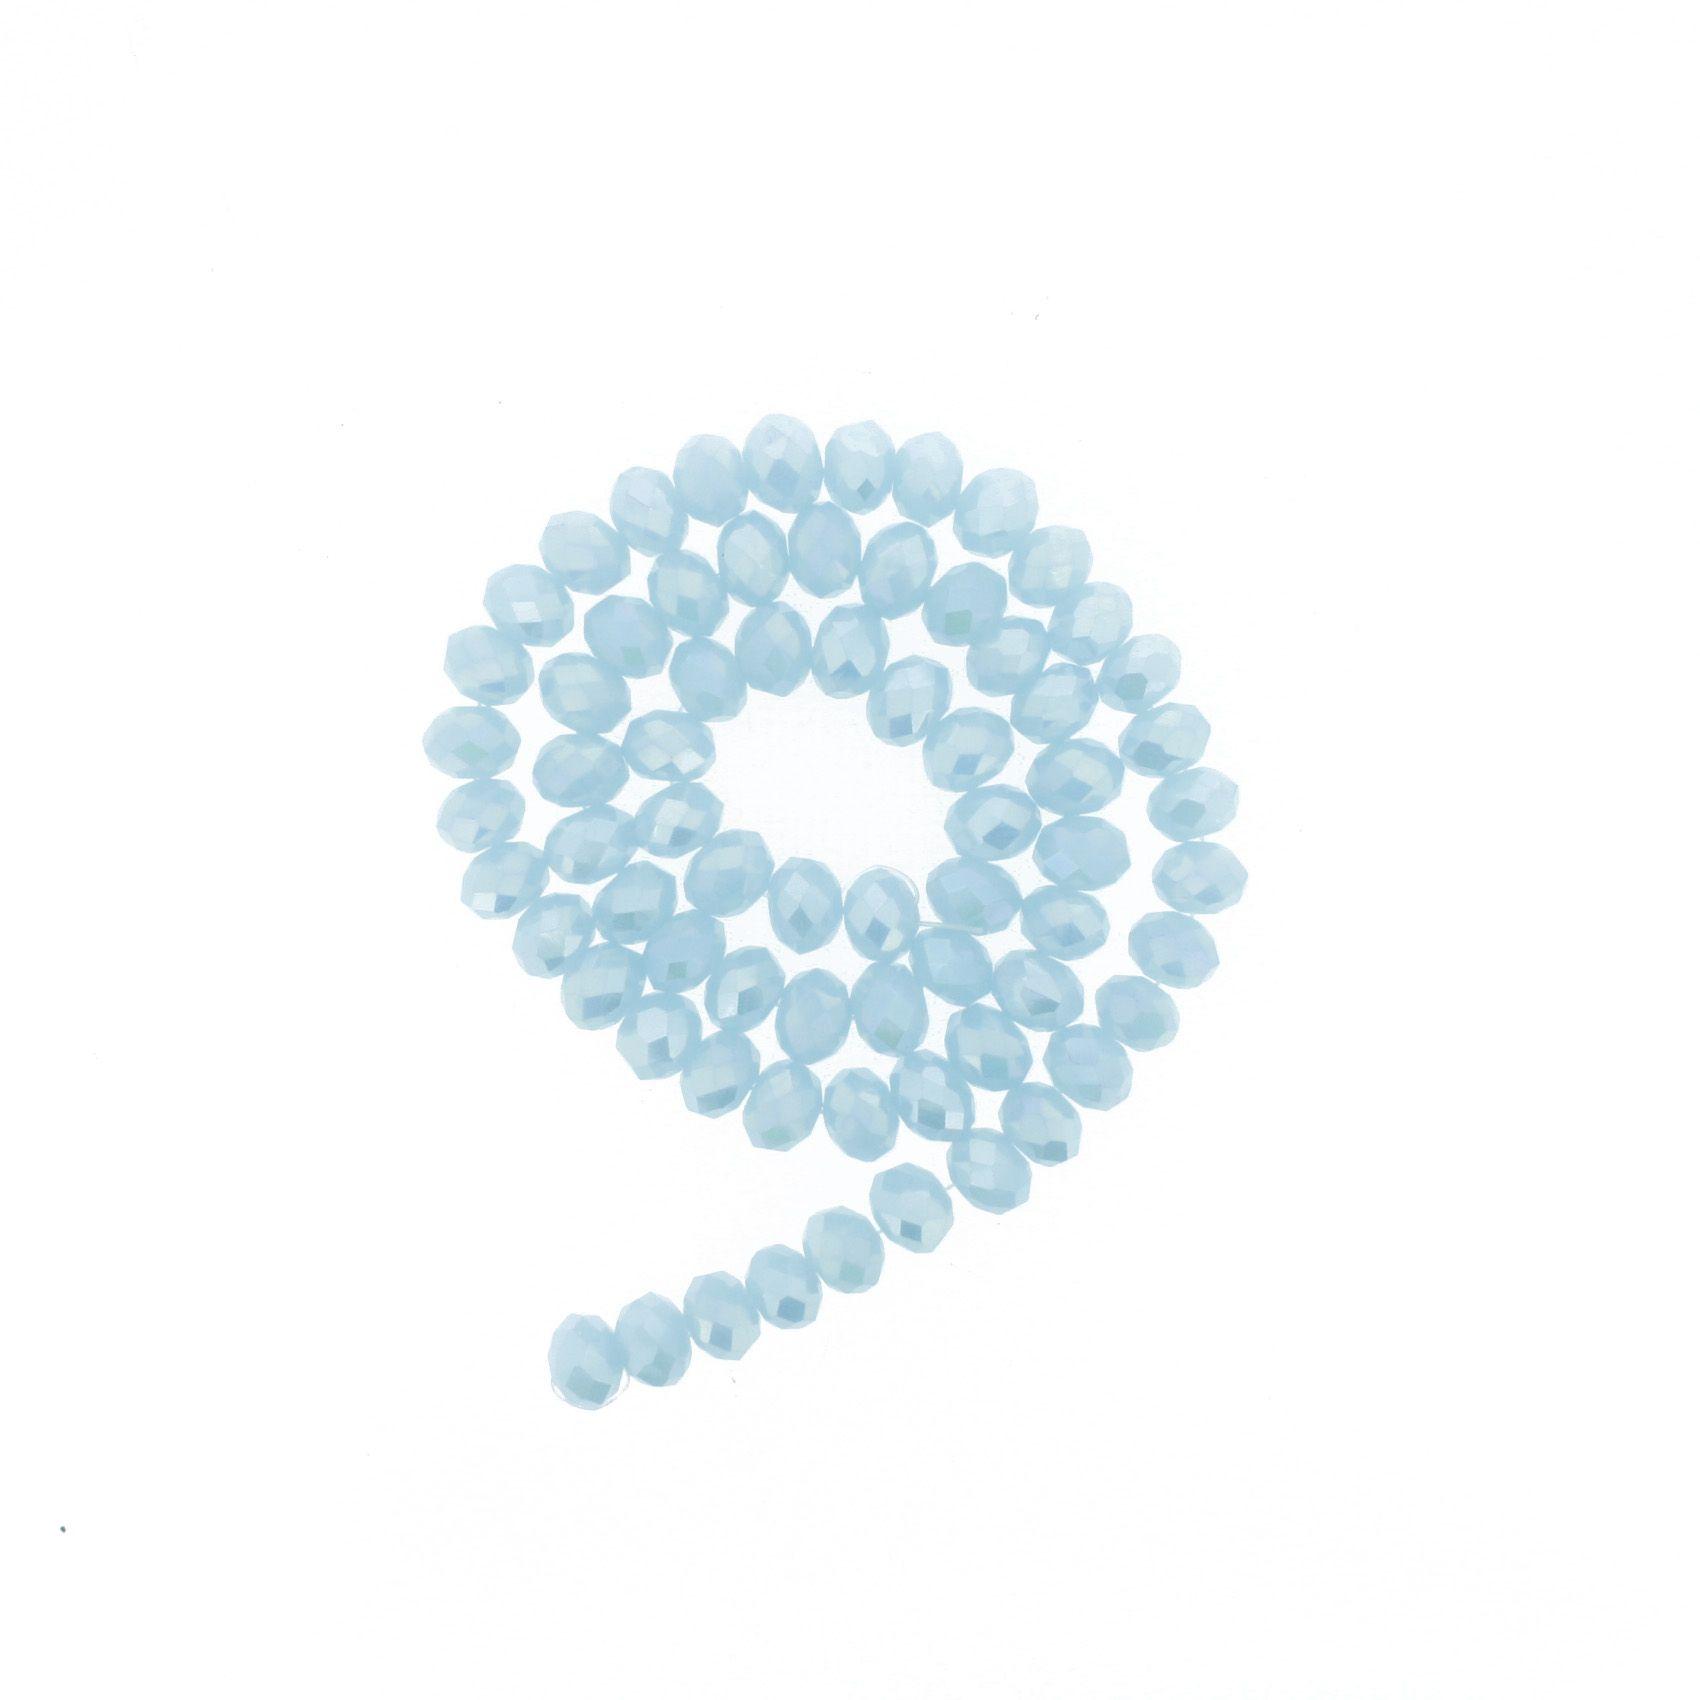 Fio de Cristal - Piatto® - Azul Bebê Irizado - 8mm  - Universo Religioso® - Artigos de Umbanda e Candomblé